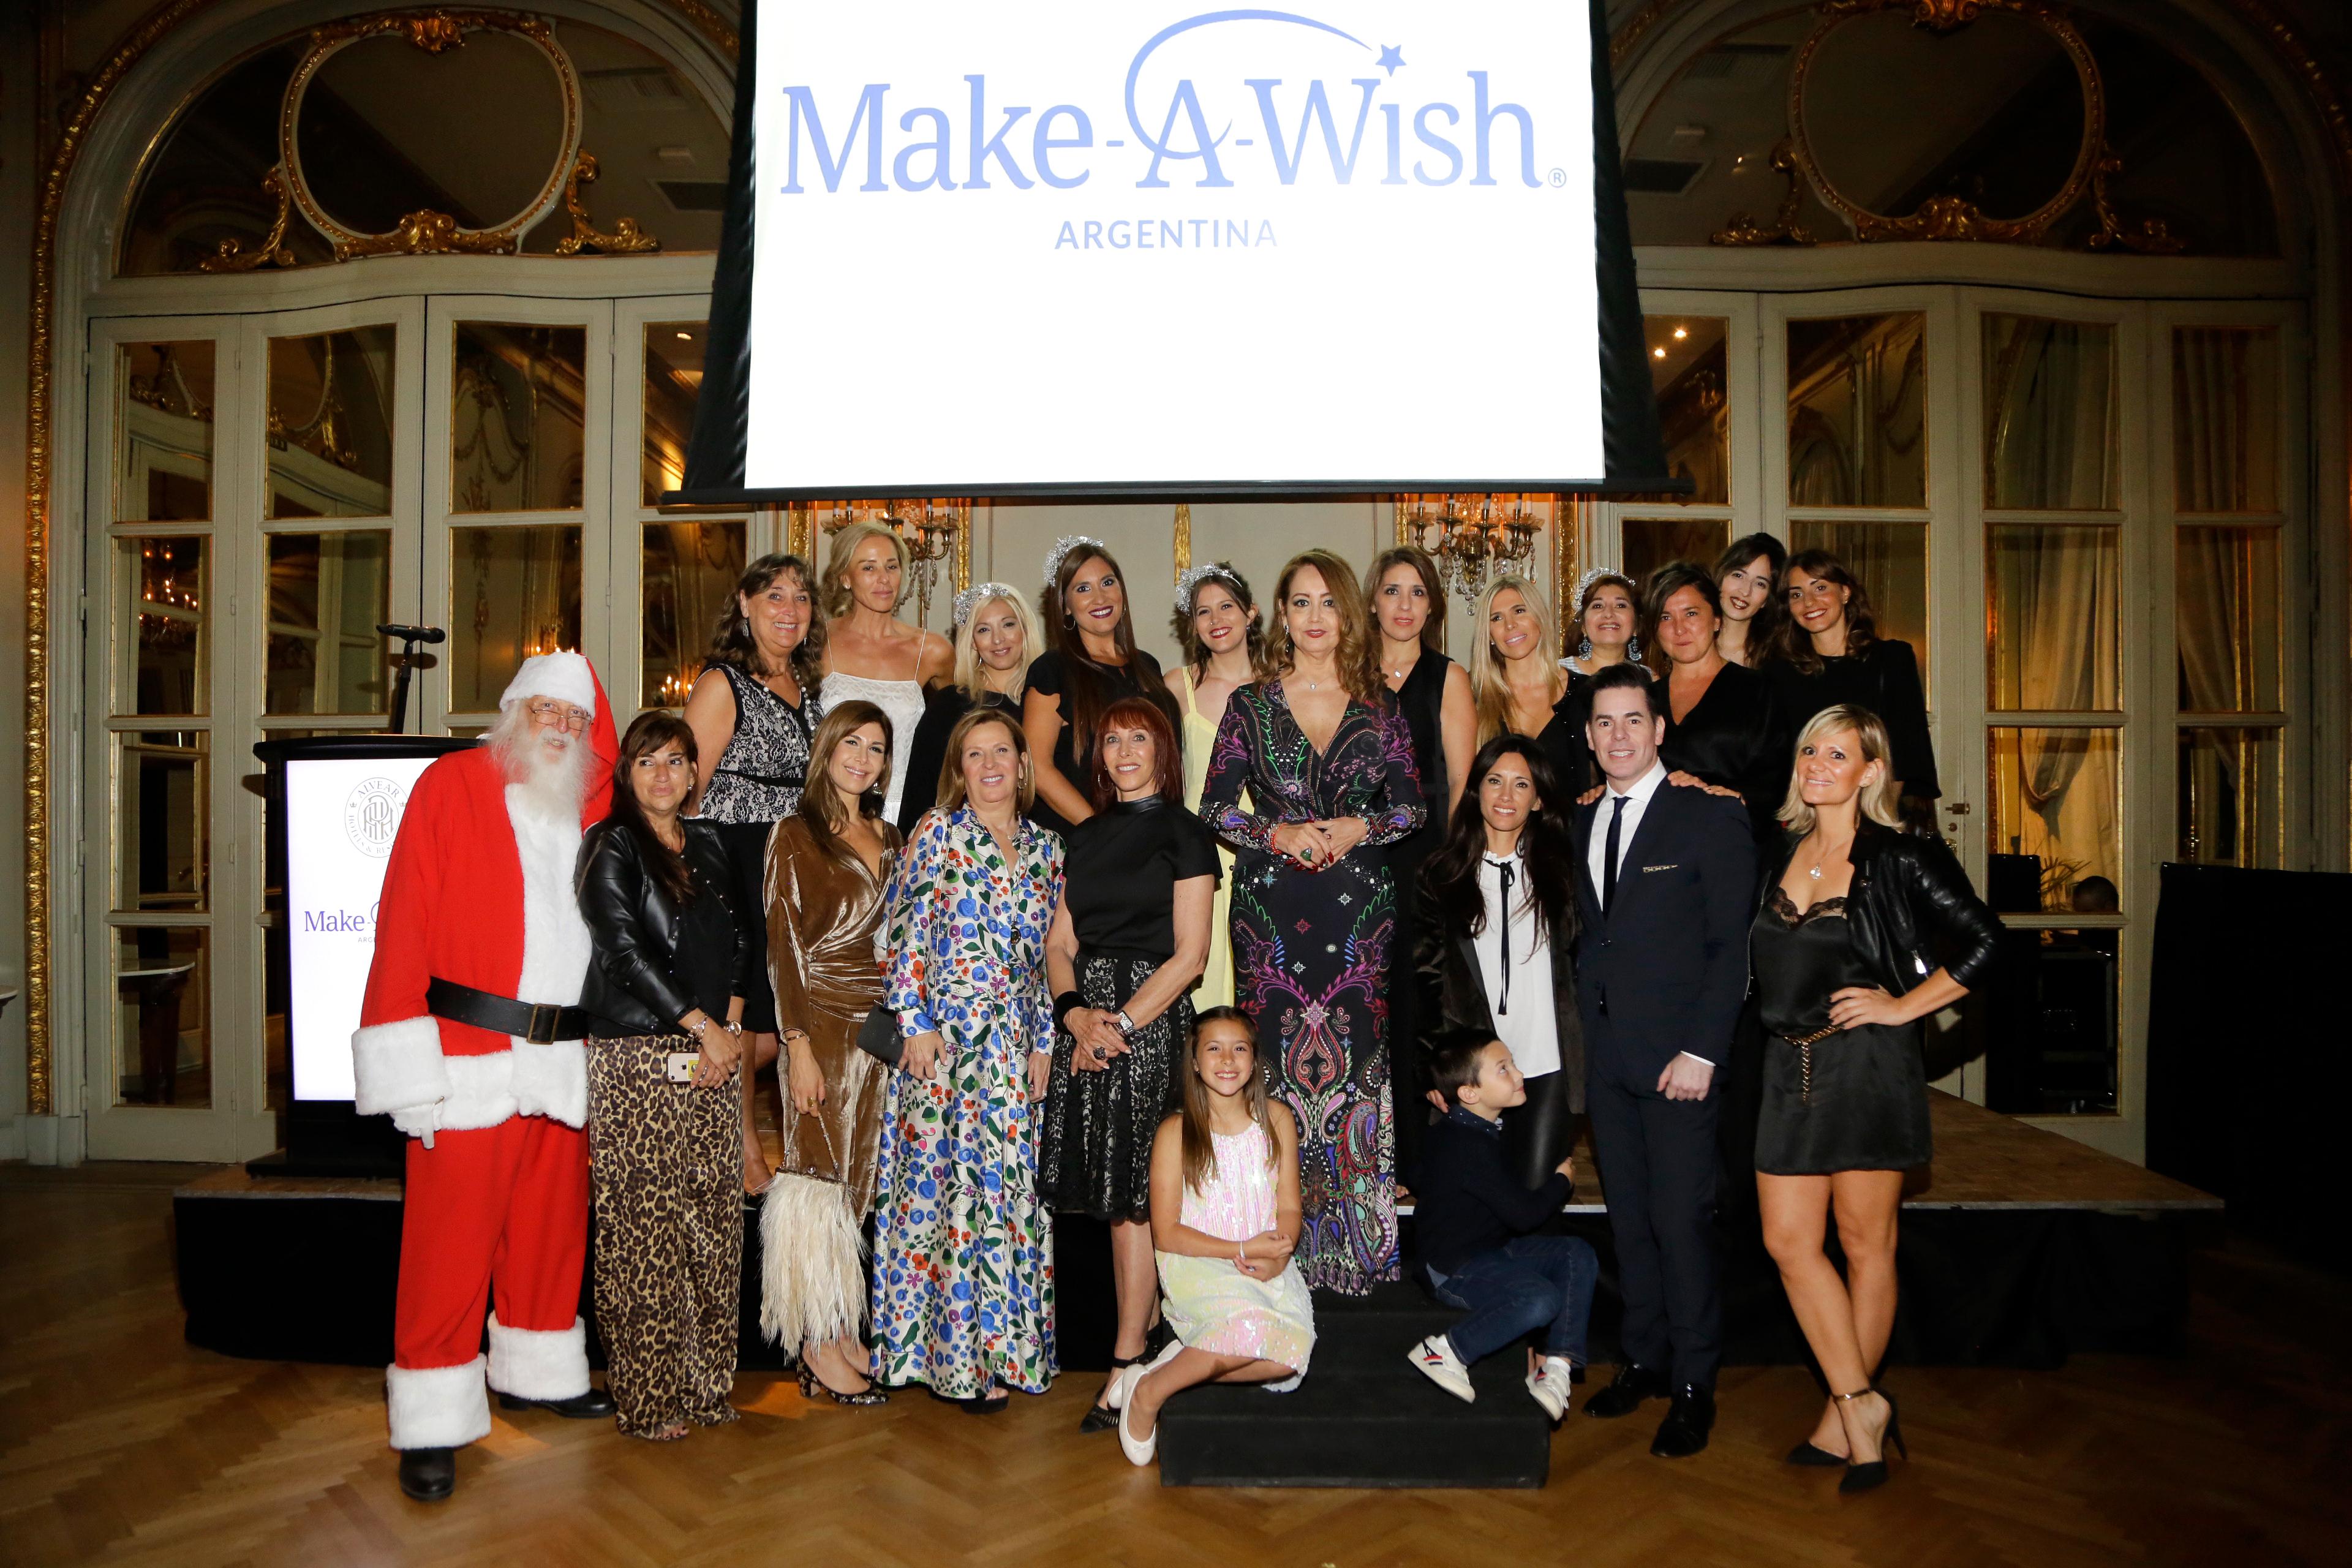 Mónica Parisier y Rosi Flom junto a todos los colaboradores de Make-A-Wish Argentina